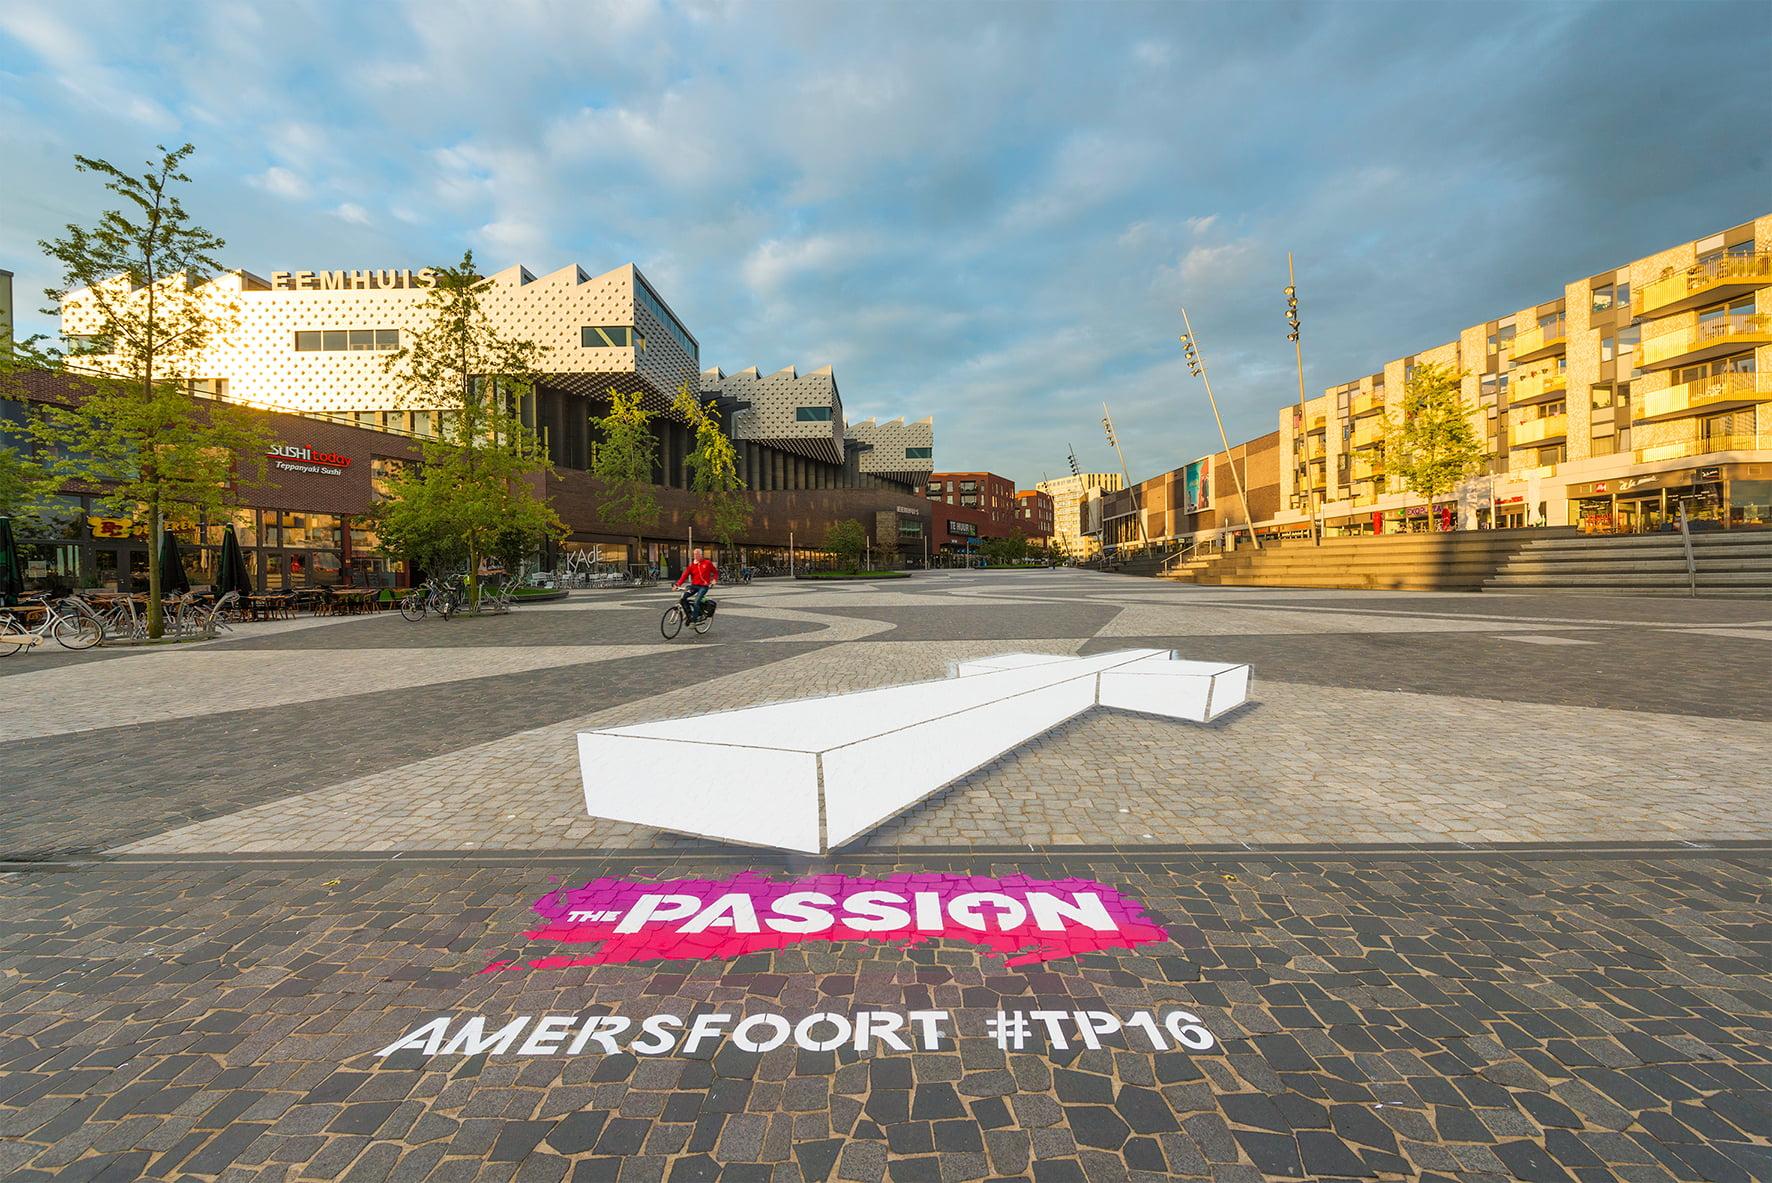 ThePassionAmersfoort Vlaams friteshuis van Gogh Amersfoort